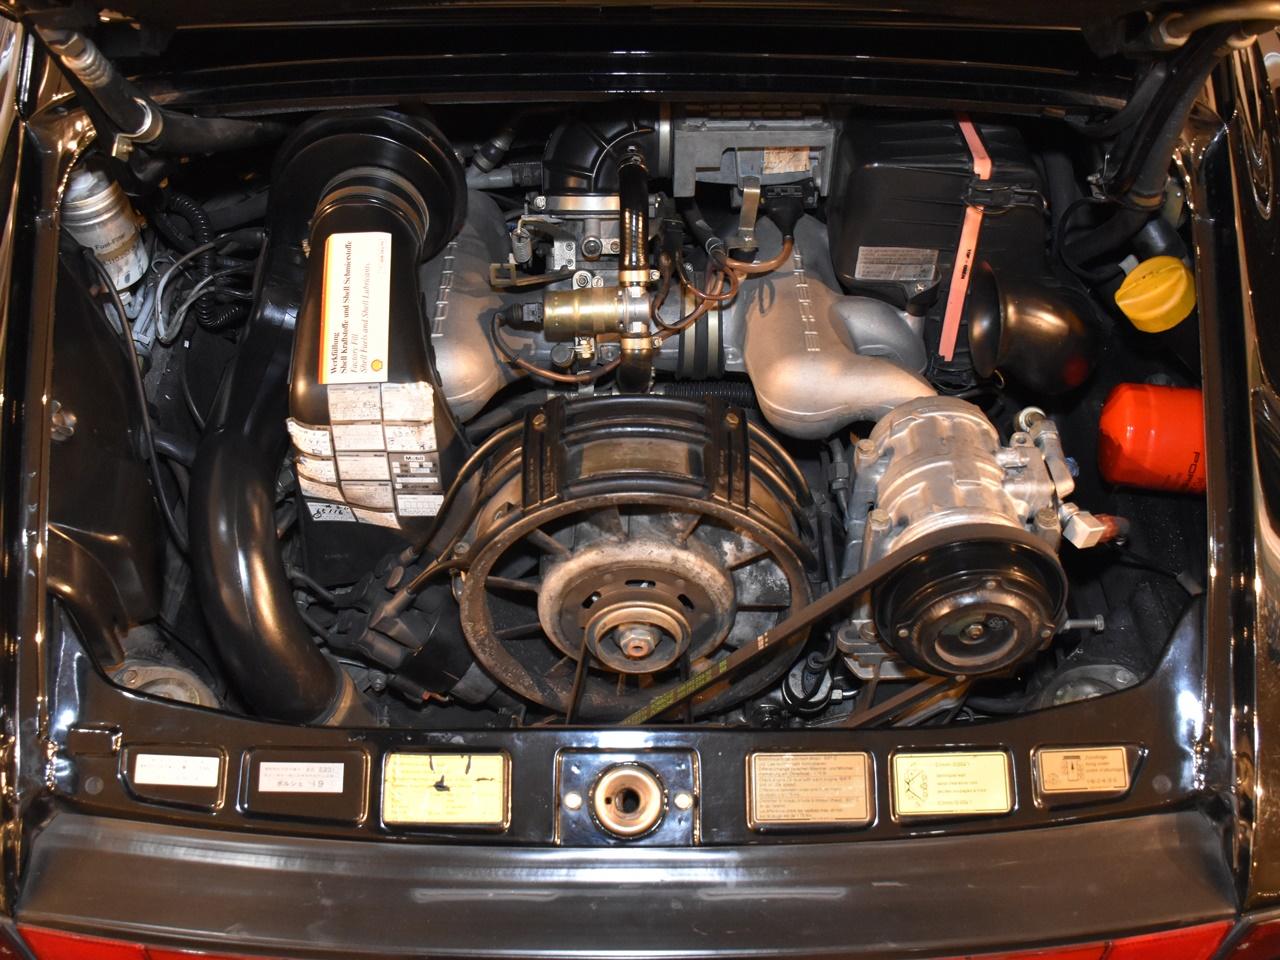 なぜ空冷エンジンは消えたのか?空冷エンジンと水冷エンジンの違いについてもご紹介! サムネイル画像`